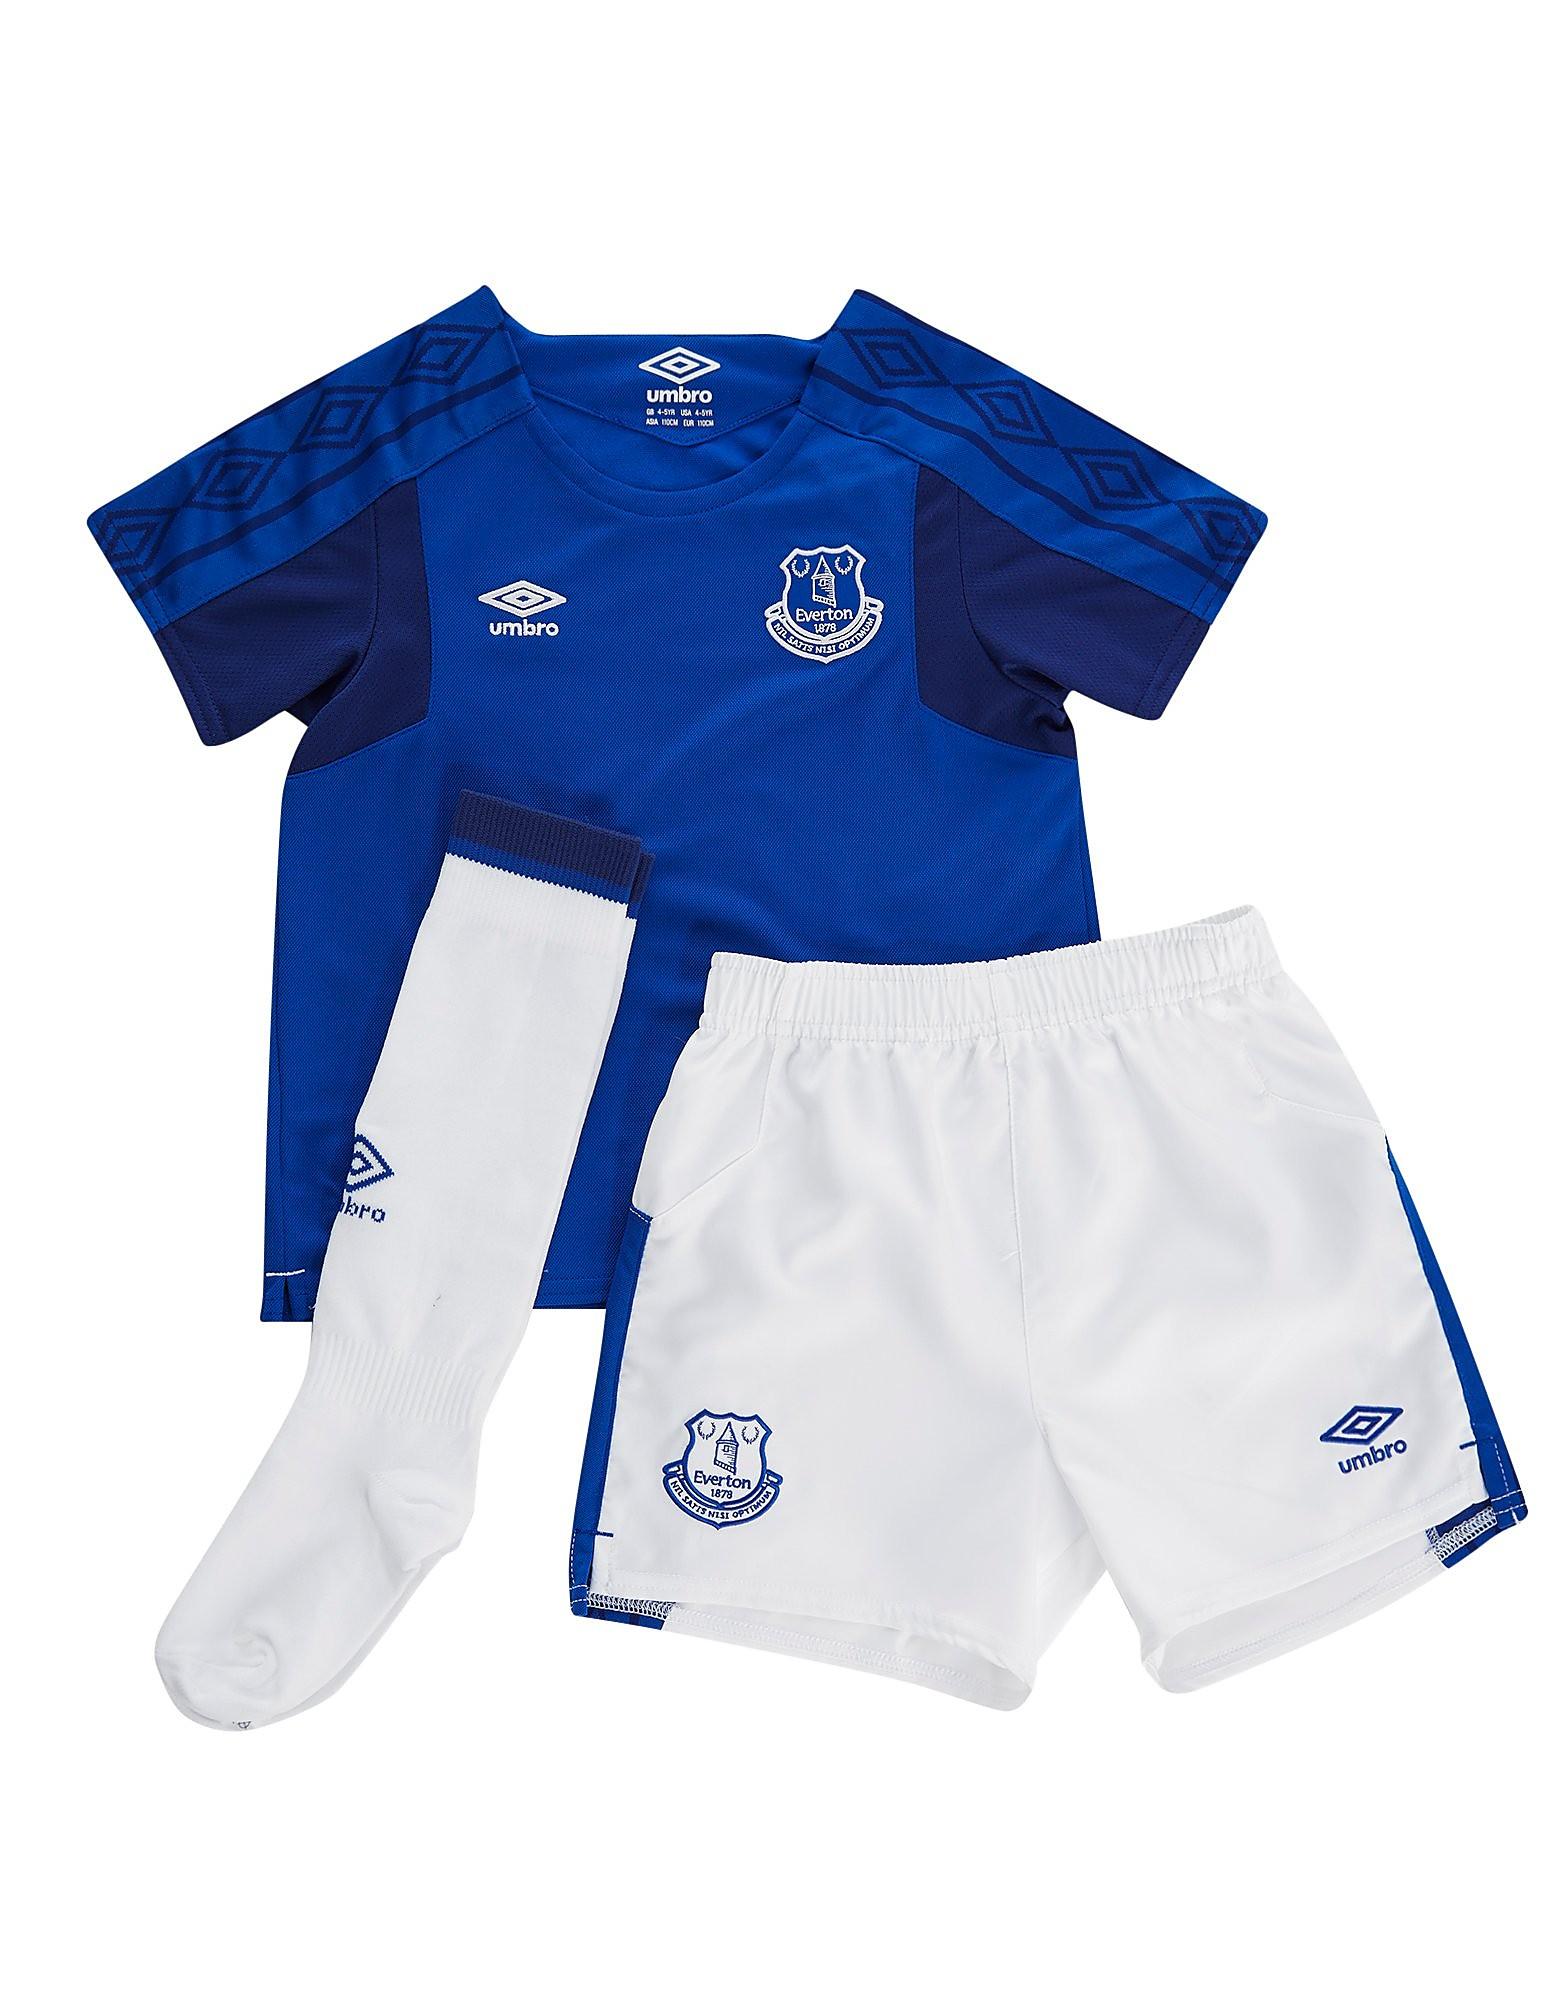 Umbro Everton FC 2017/18 Home Kit Children